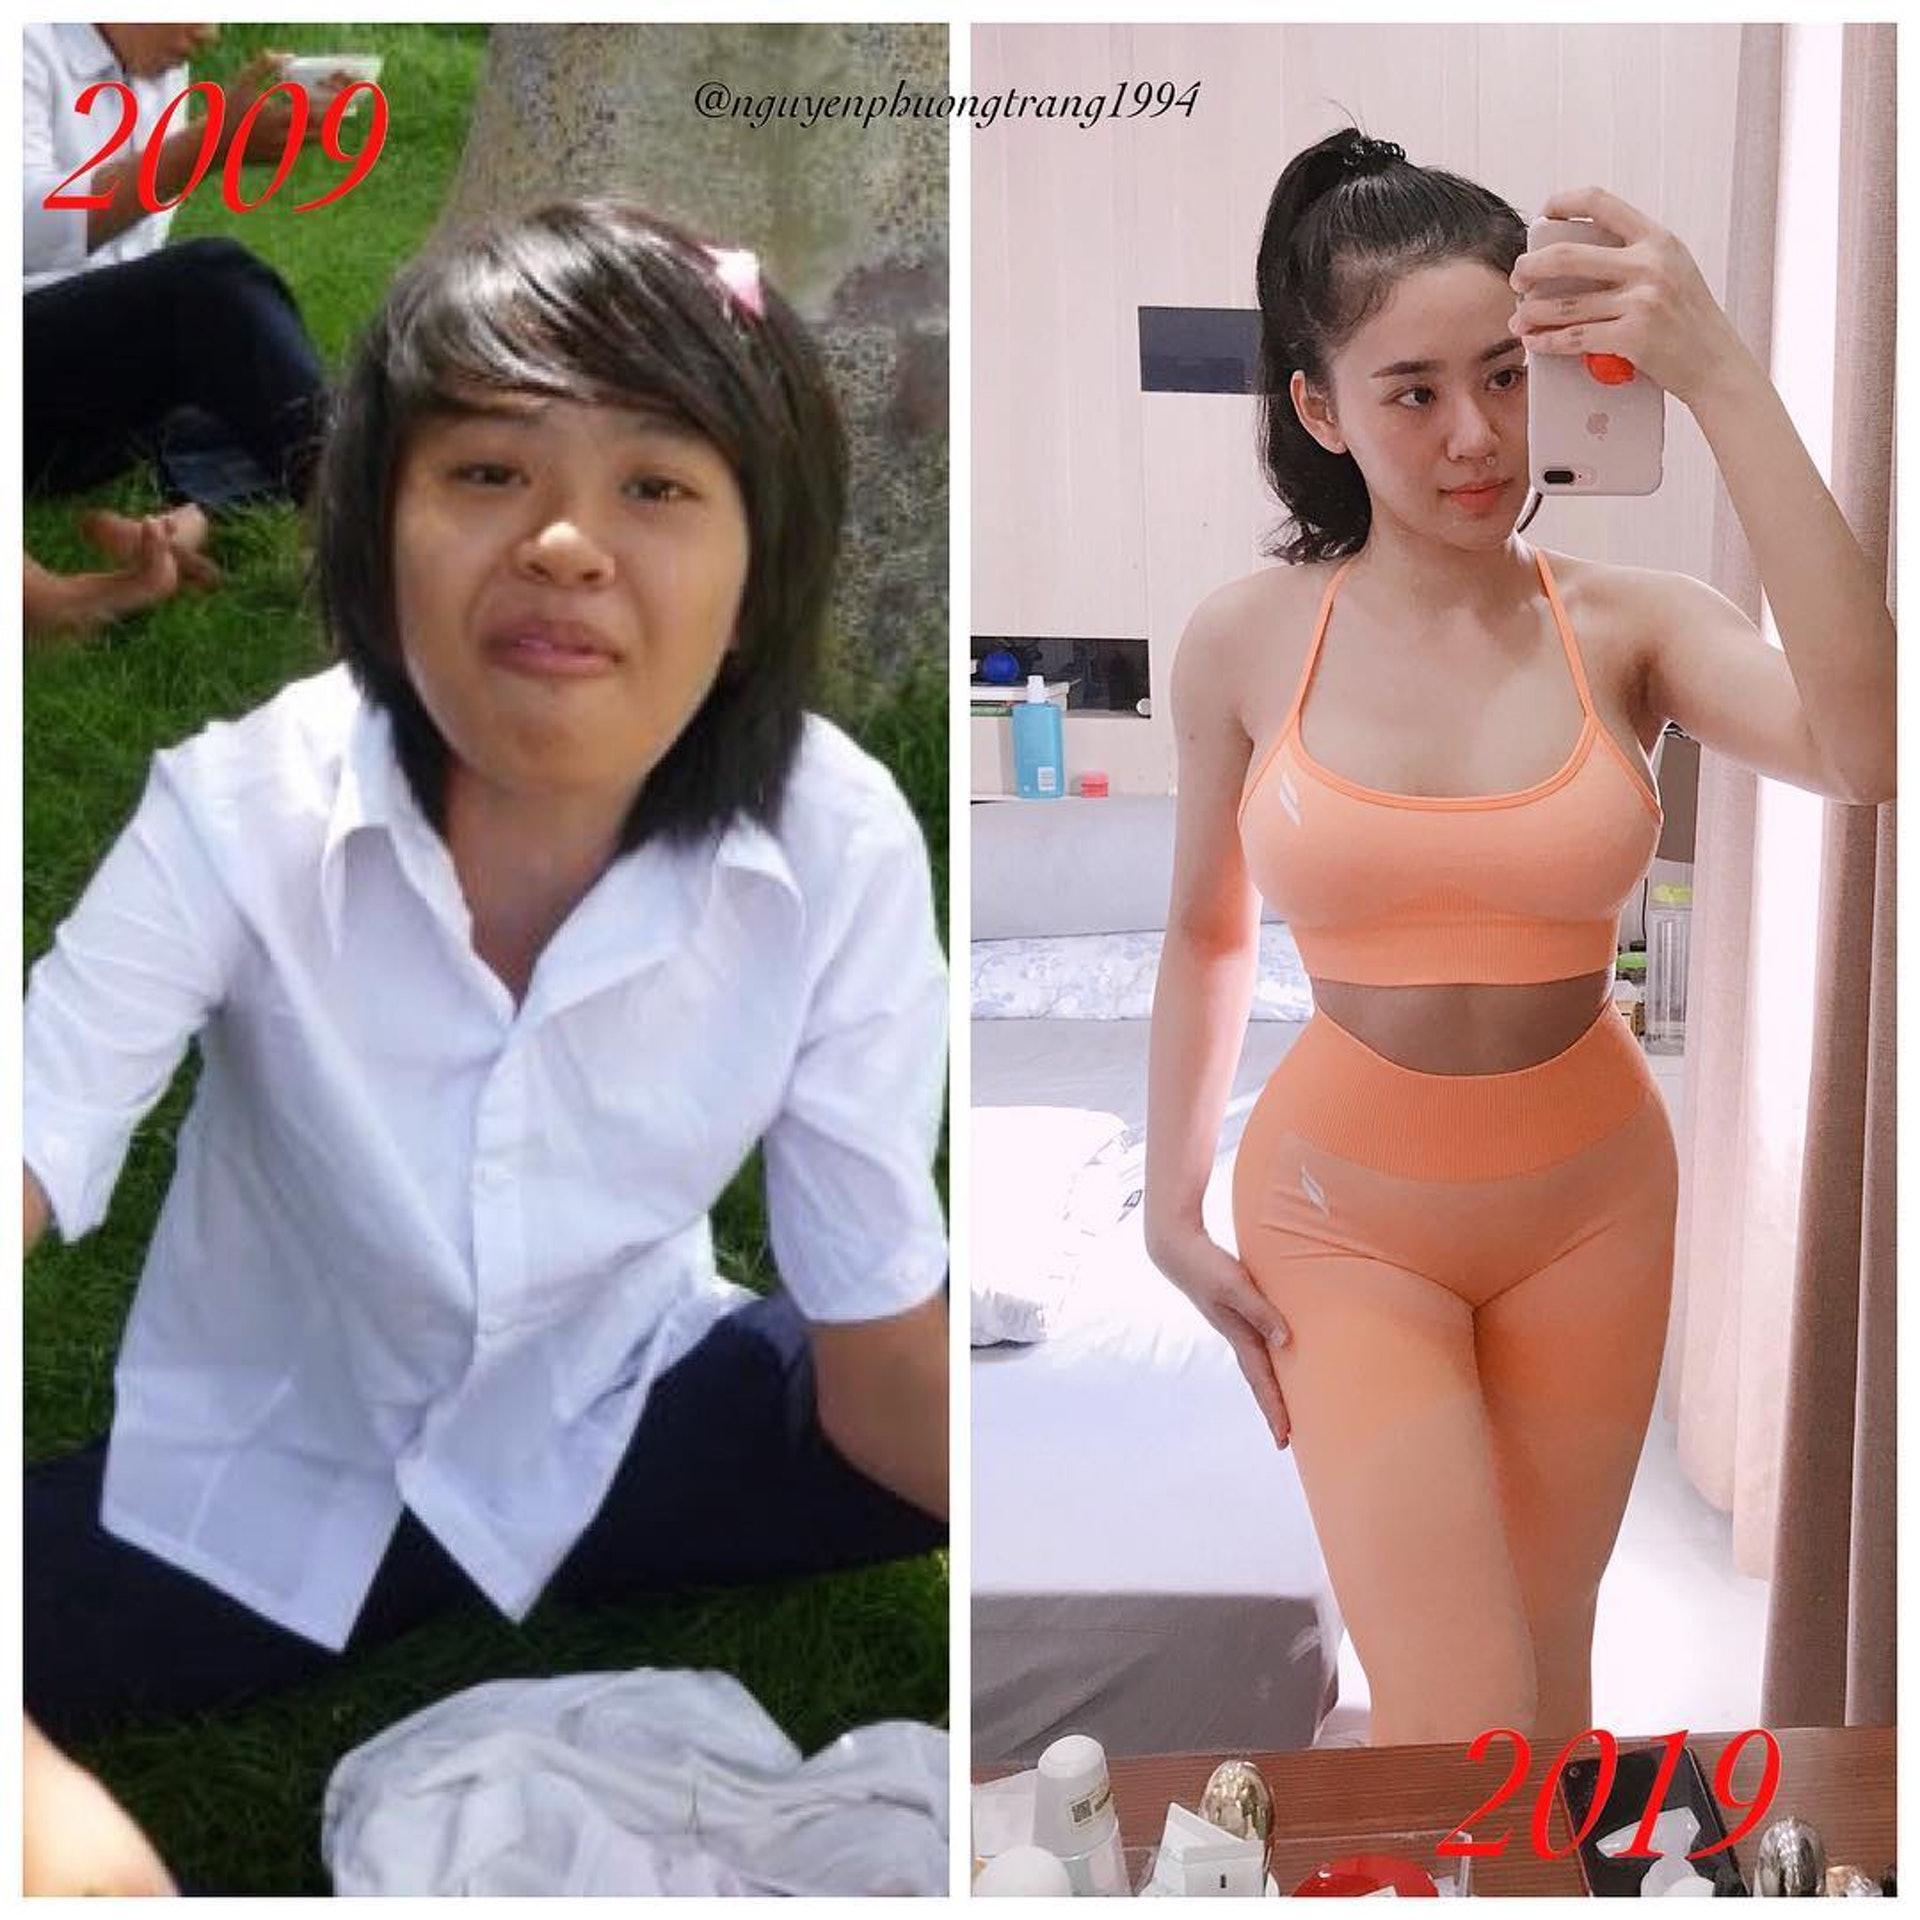 十年前後對比阮芳莊果然是「醜小鴨變天鵝」的成功例子。(網上圖片)